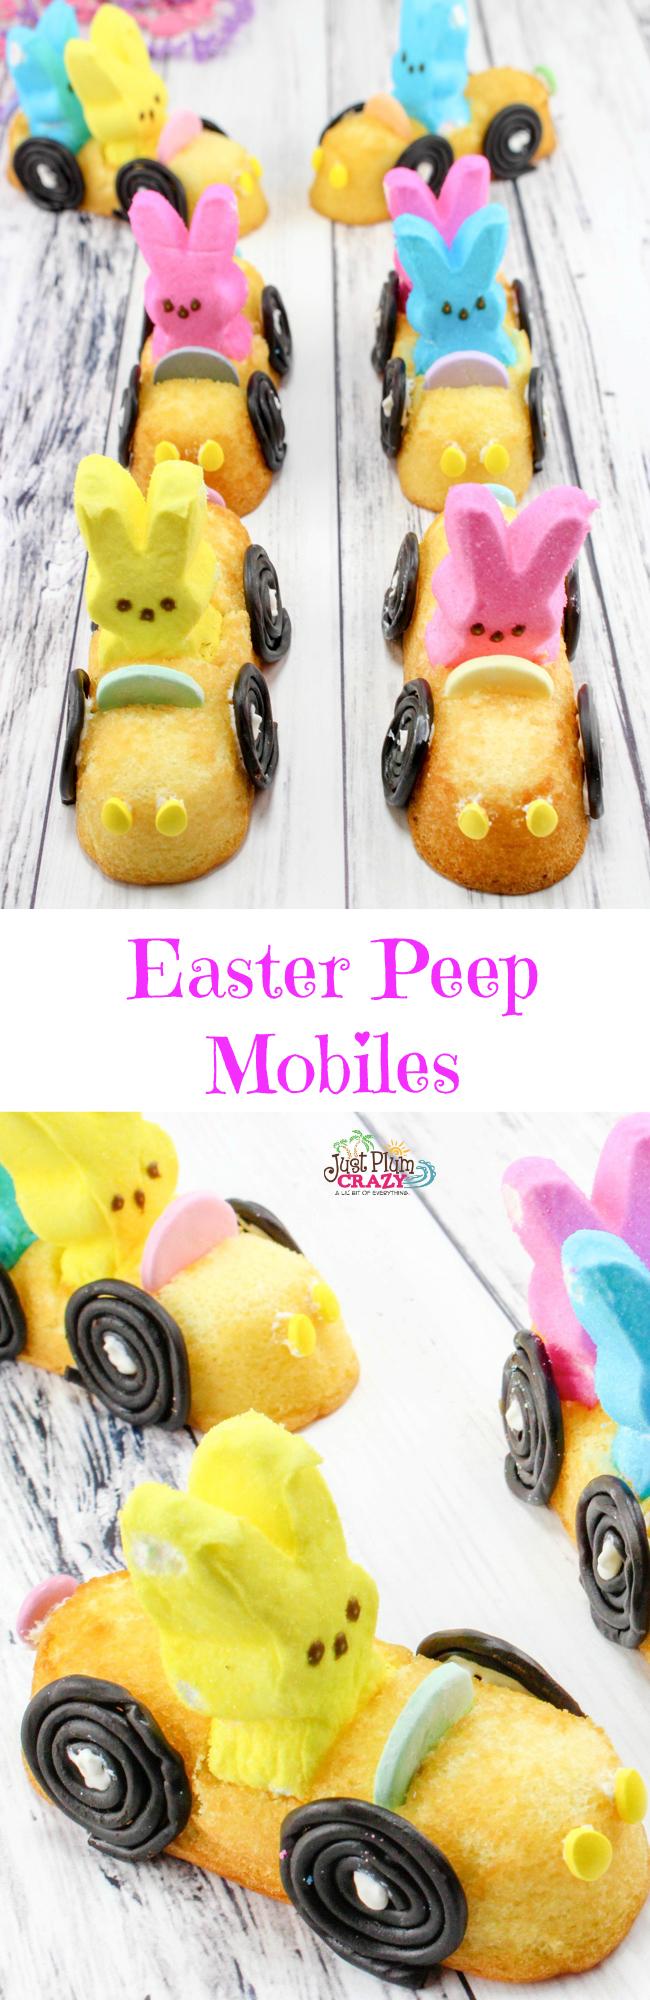 Easy Easter PEEP Mobiles #EasterSweetsandTreats #EasterDessert #KidsEaster